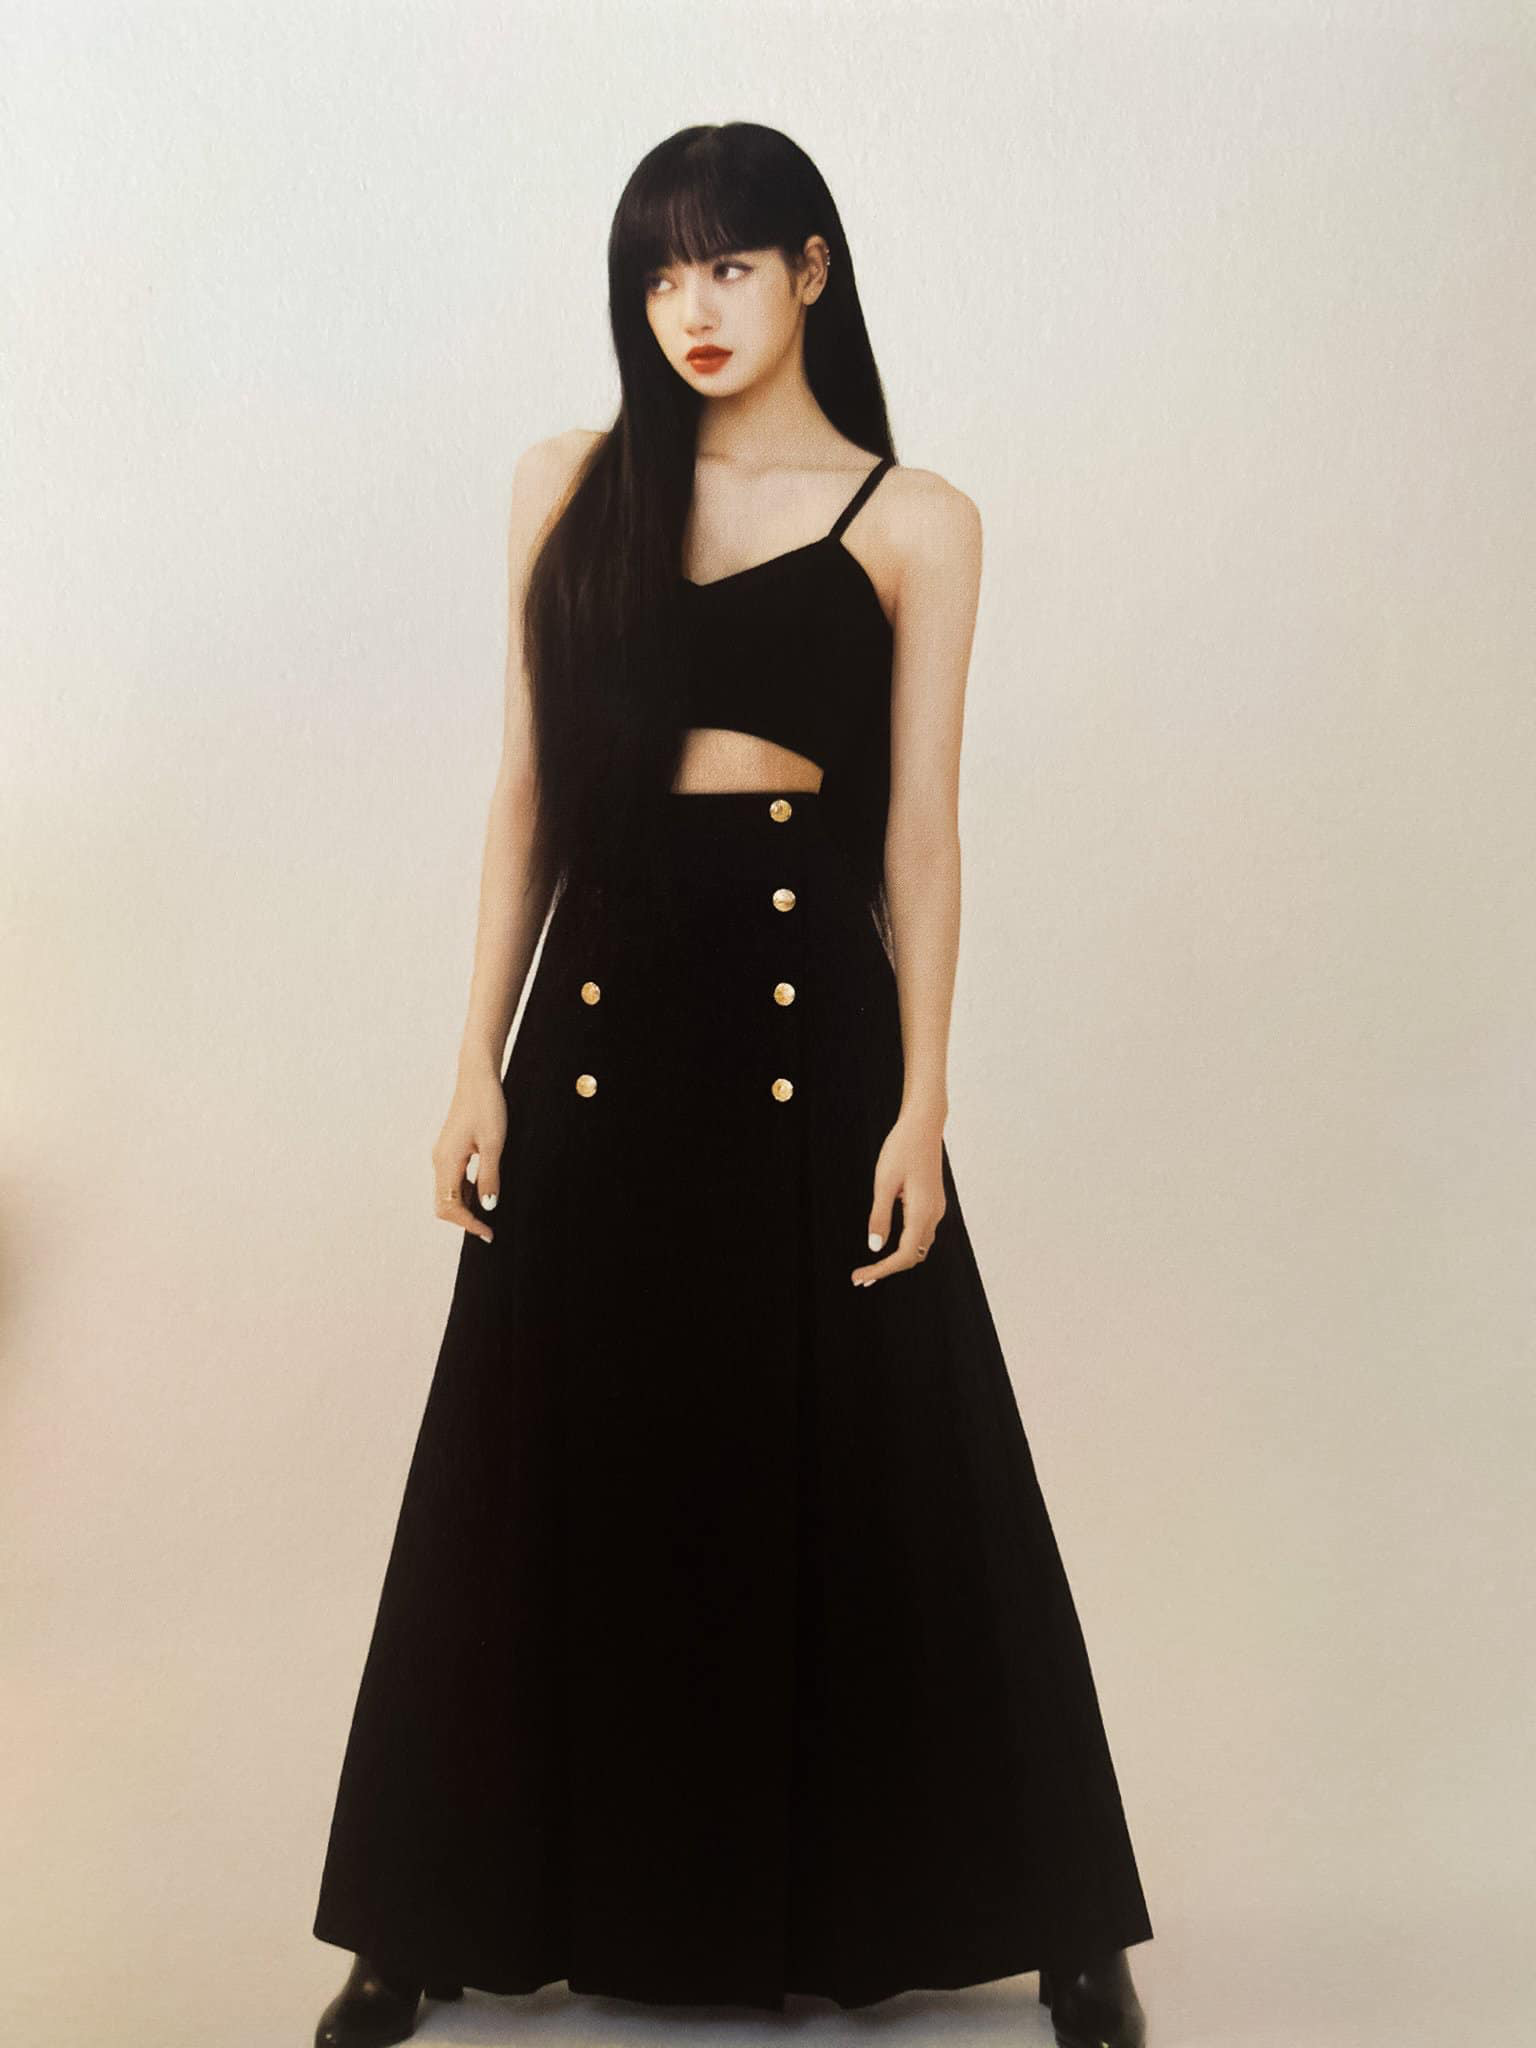 Đẳng cấp đại sứ toàn cầu của Lisa: Diện váy Celine kín bưng mà vẫn tạo dáng tài tình nên sexy hơn hẳn người mẫu hãng - Ảnh 6.